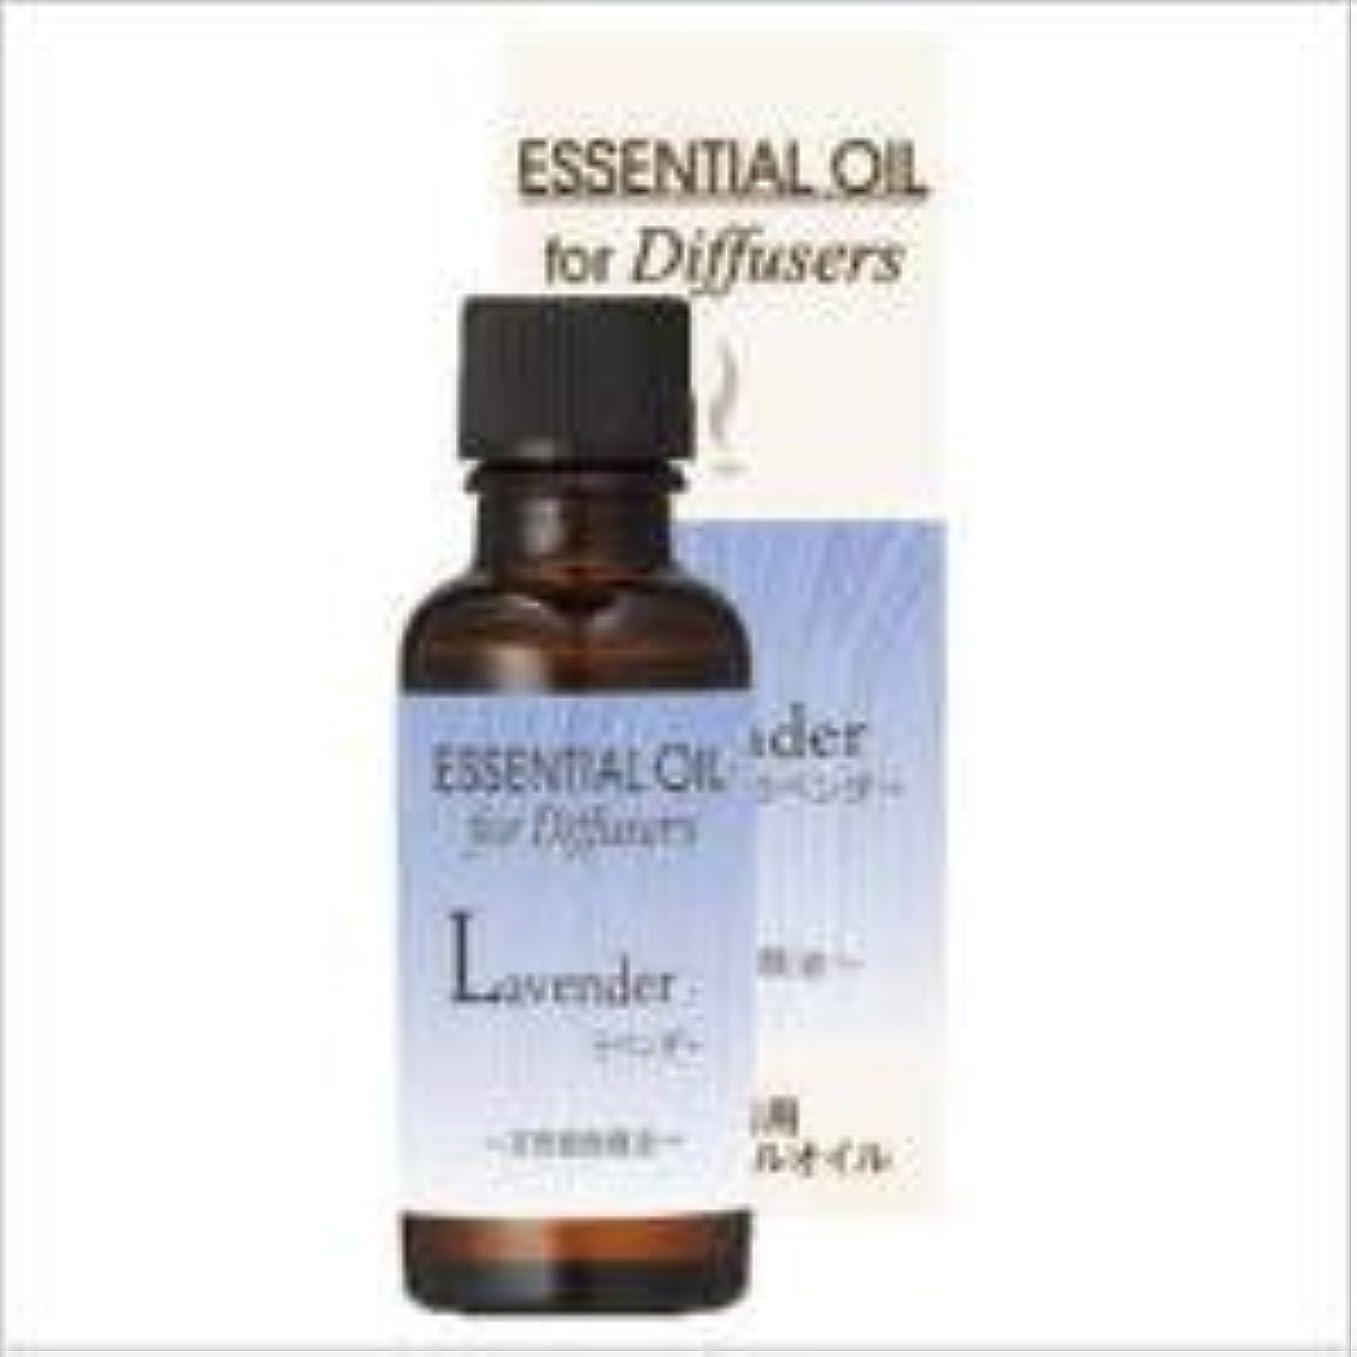 全員マウンド強調生活の木 芳香浴用エッセンシャルオイル ラベンダー[30ml] エッセンシャルオイル/精油